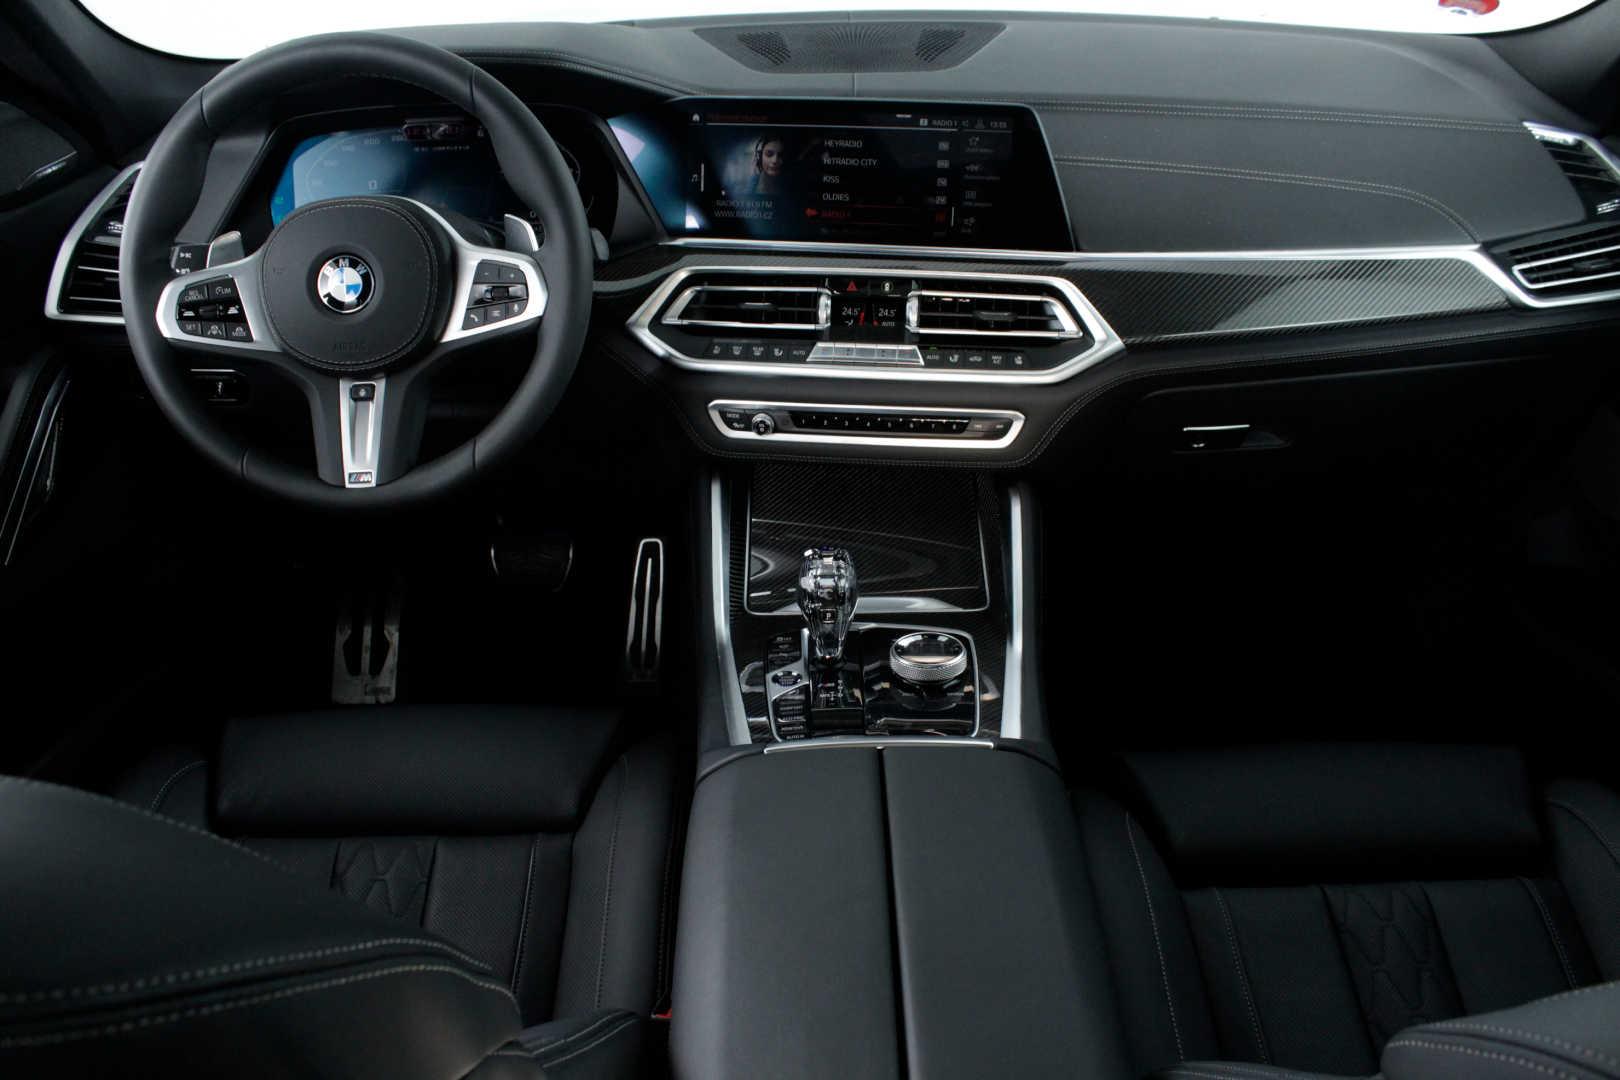 BMW X6 M50d - nový model - předváděcí auto - skladem - max výbava - super cena 2.269.000,- Kč bez DPH